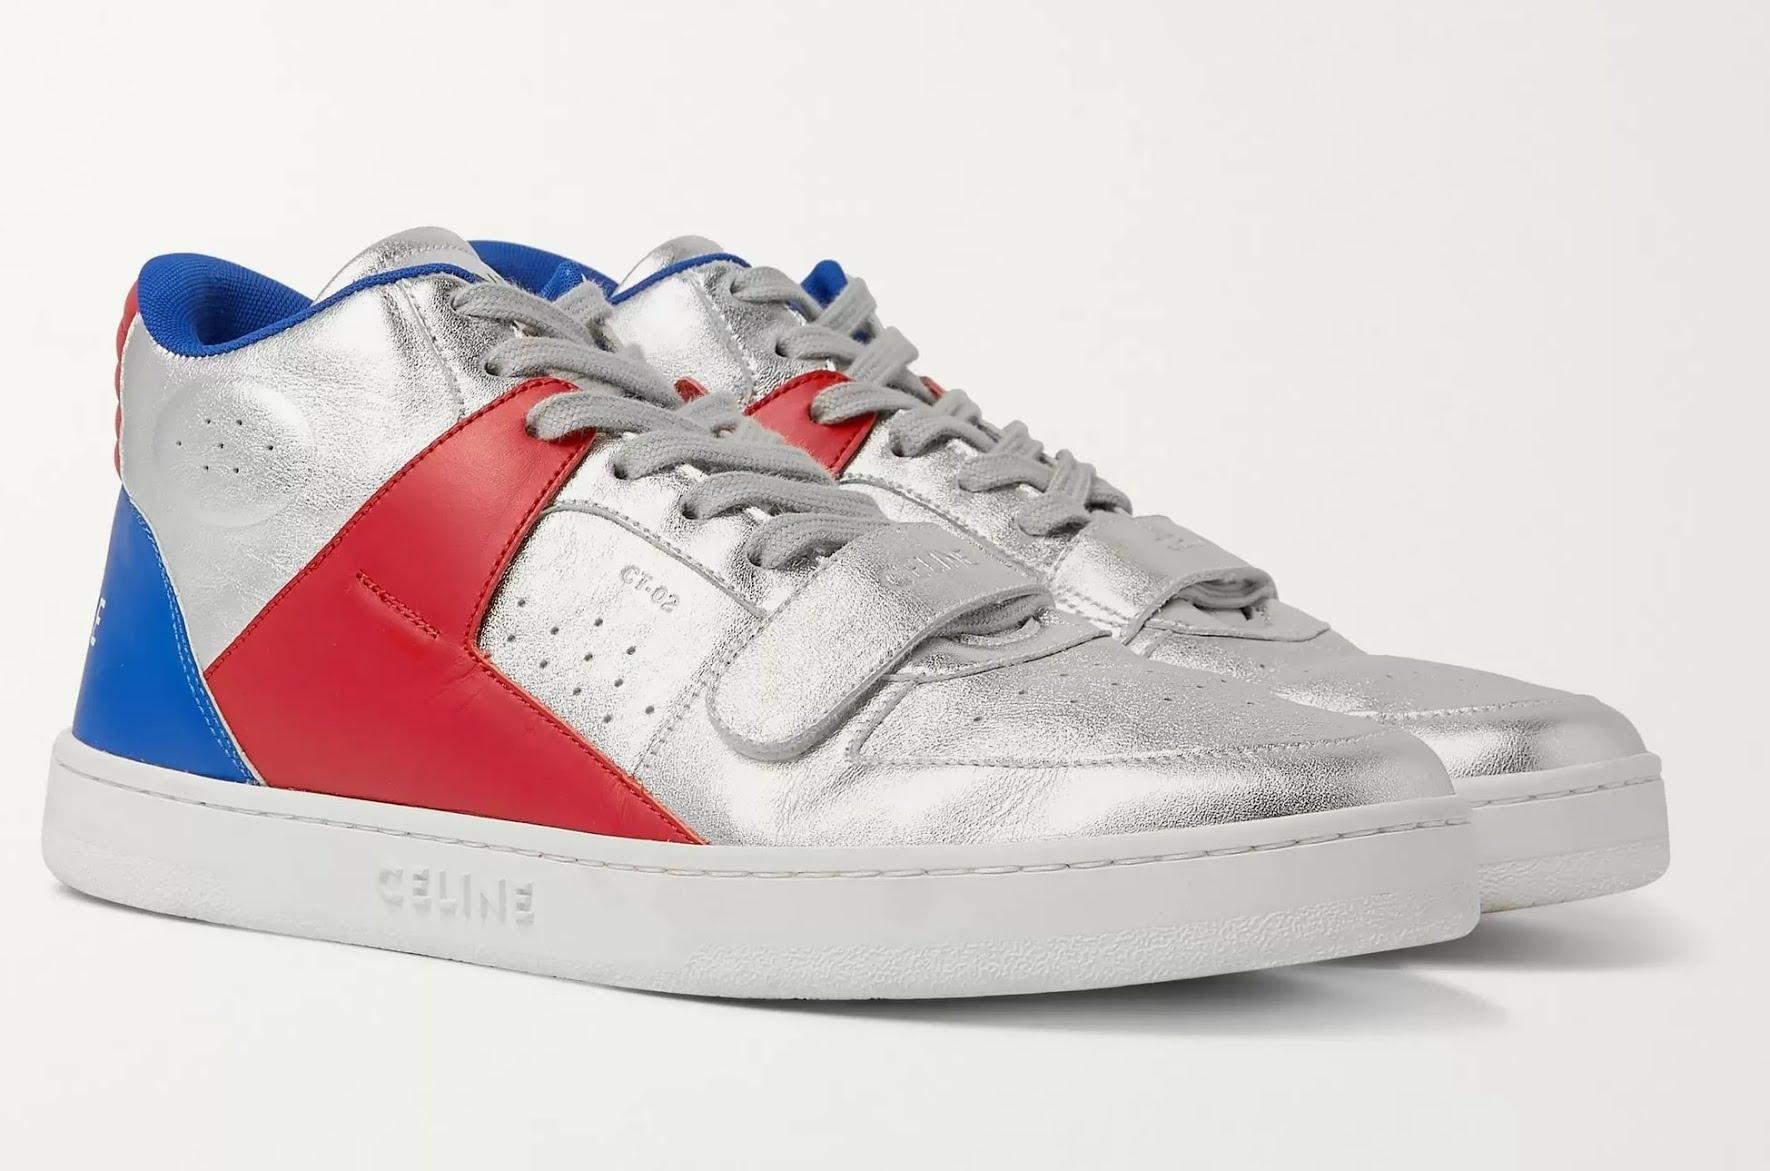 Sneakers de luxe - Baskets montantes Celine CT02